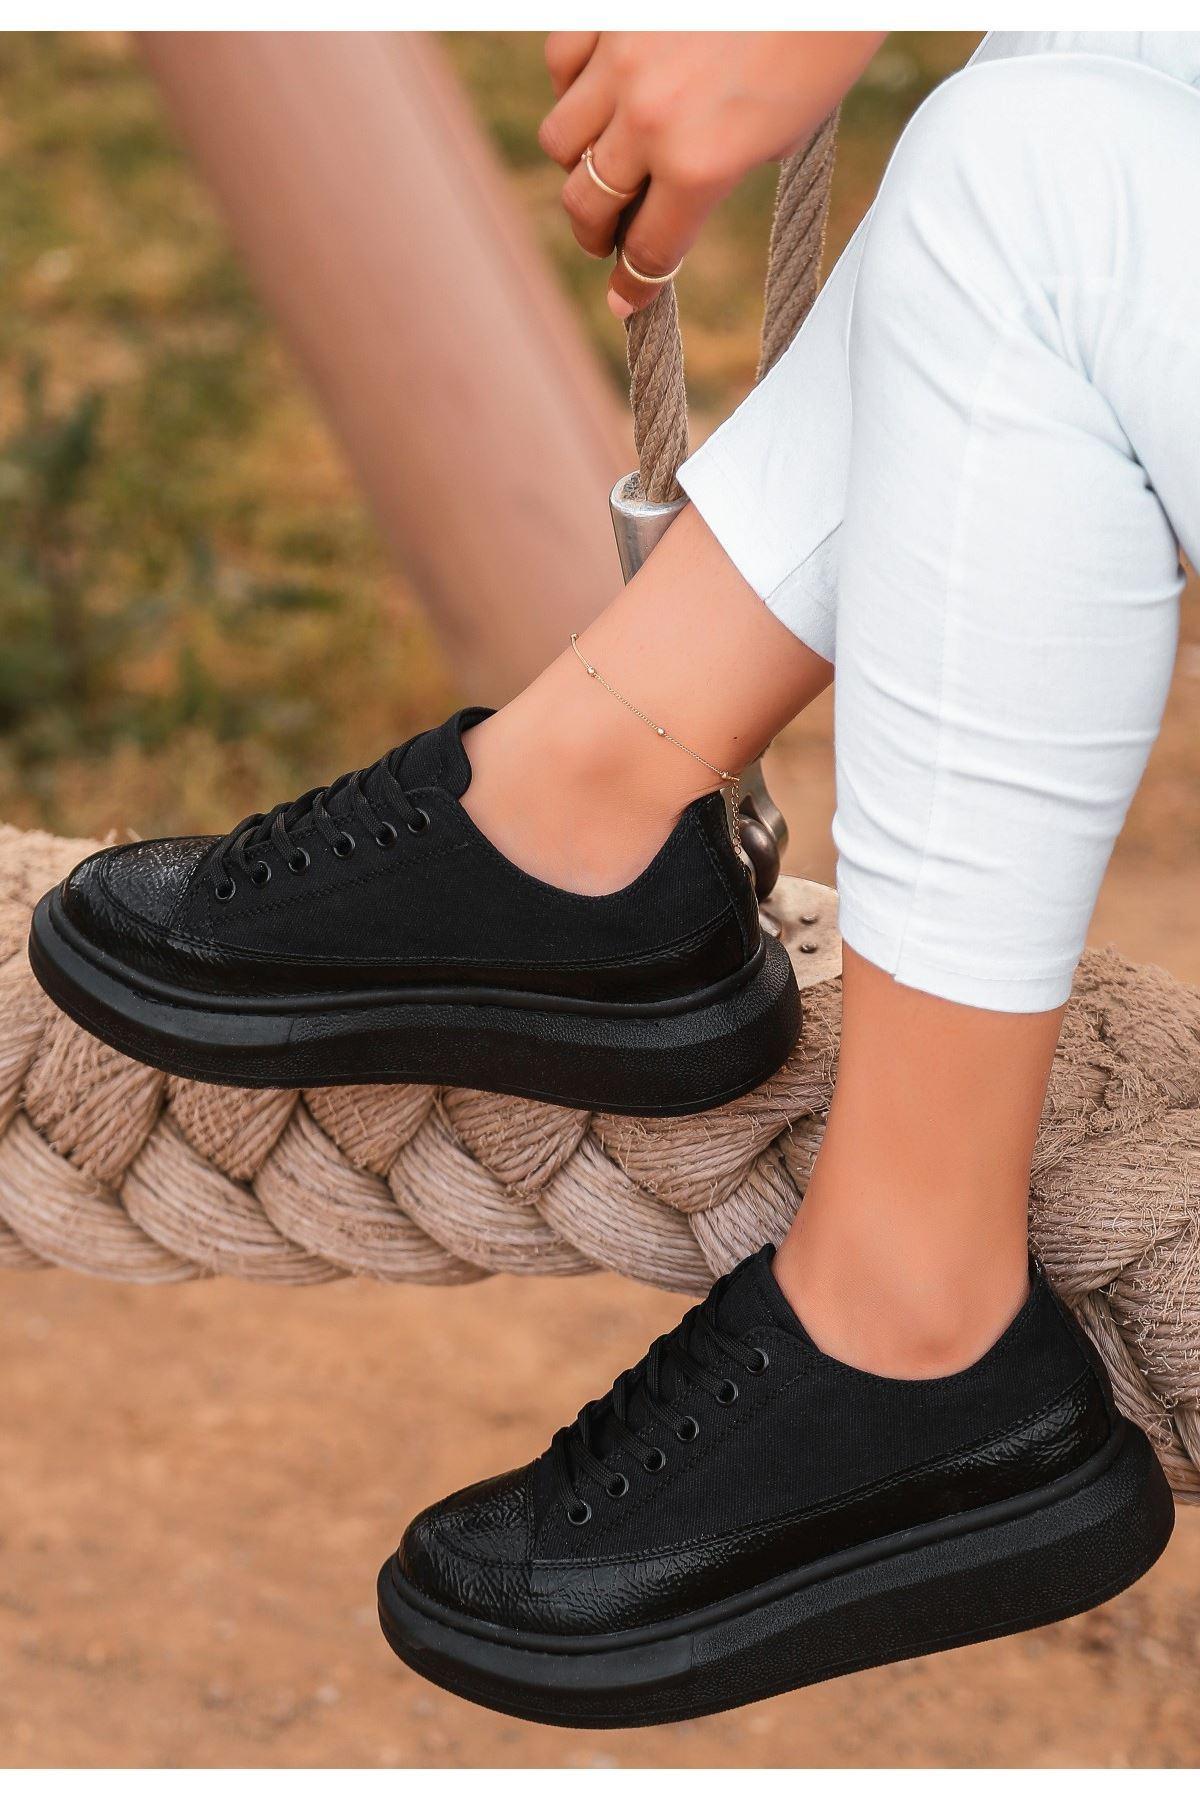 Voni Siyah Rugan Keten Detaylı Spor Ayakkabı